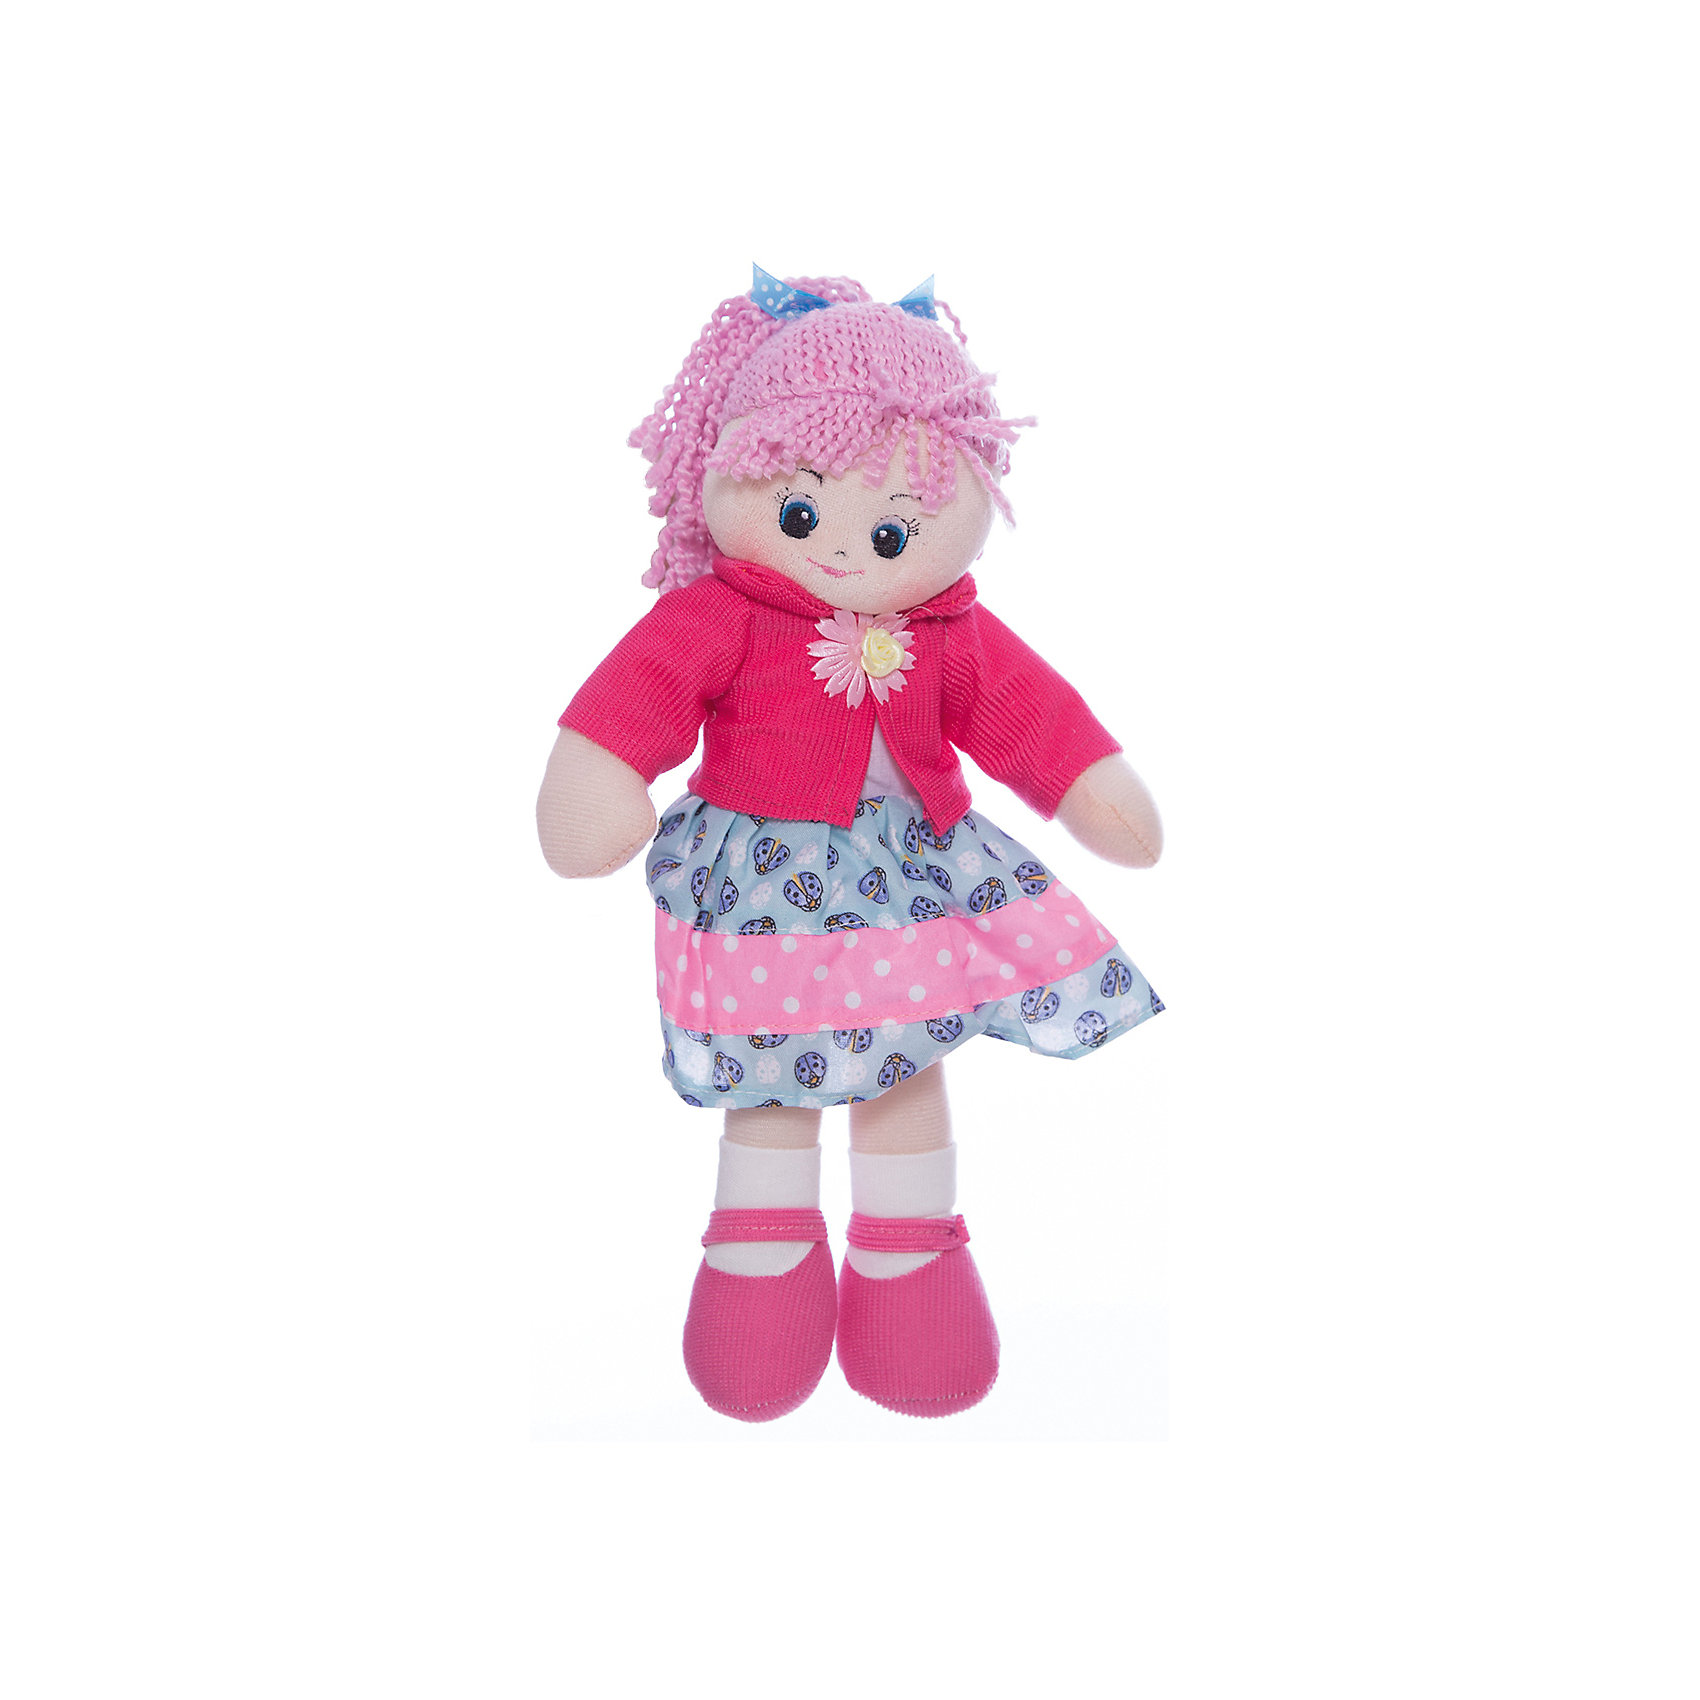 Кукла Земляничка, 30 см, GulliverМягкие куклы<br>Милая Кукла Земляничка, 30 см, Gulliver (Гулливер) с розовыми волосами с двумя косичками и в замечательном наряде отлично подходит для катания в кукольных колясках и станет прекрасным подарком для любой девочки! Кукла Земляничка достигает в высоту 30 сантиметров, поэтому ее комфортно брать с собой, носить на руках и играть в любом месте.<br><br>Дополнительная информация:<br>-Размер в упаковке: 18х17х30 см<br>-Вес в упаковке: 141 г<br>-Материалы: текстиль, синтепон<br>-Длина куклы: 30 см<br>-Развивает: воображение, тактильную чувствительность, речь, мелкую моторику<br><br>Кукла  Земляничка украсит детскую комнату и станет радовать малышку каждый день!<br><br>Куклу Земляничку, 30 см, Gulliver (Гулливер) можно купить в нашем магазине.<br><br>Ширина мм: 180<br>Глубина мм: 170<br>Высота мм: 300<br>Вес г: 141<br>Возраст от месяцев: 36<br>Возраст до месяцев: 84<br>Пол: Женский<br>Возраст: Детский<br>SKU: 4288938